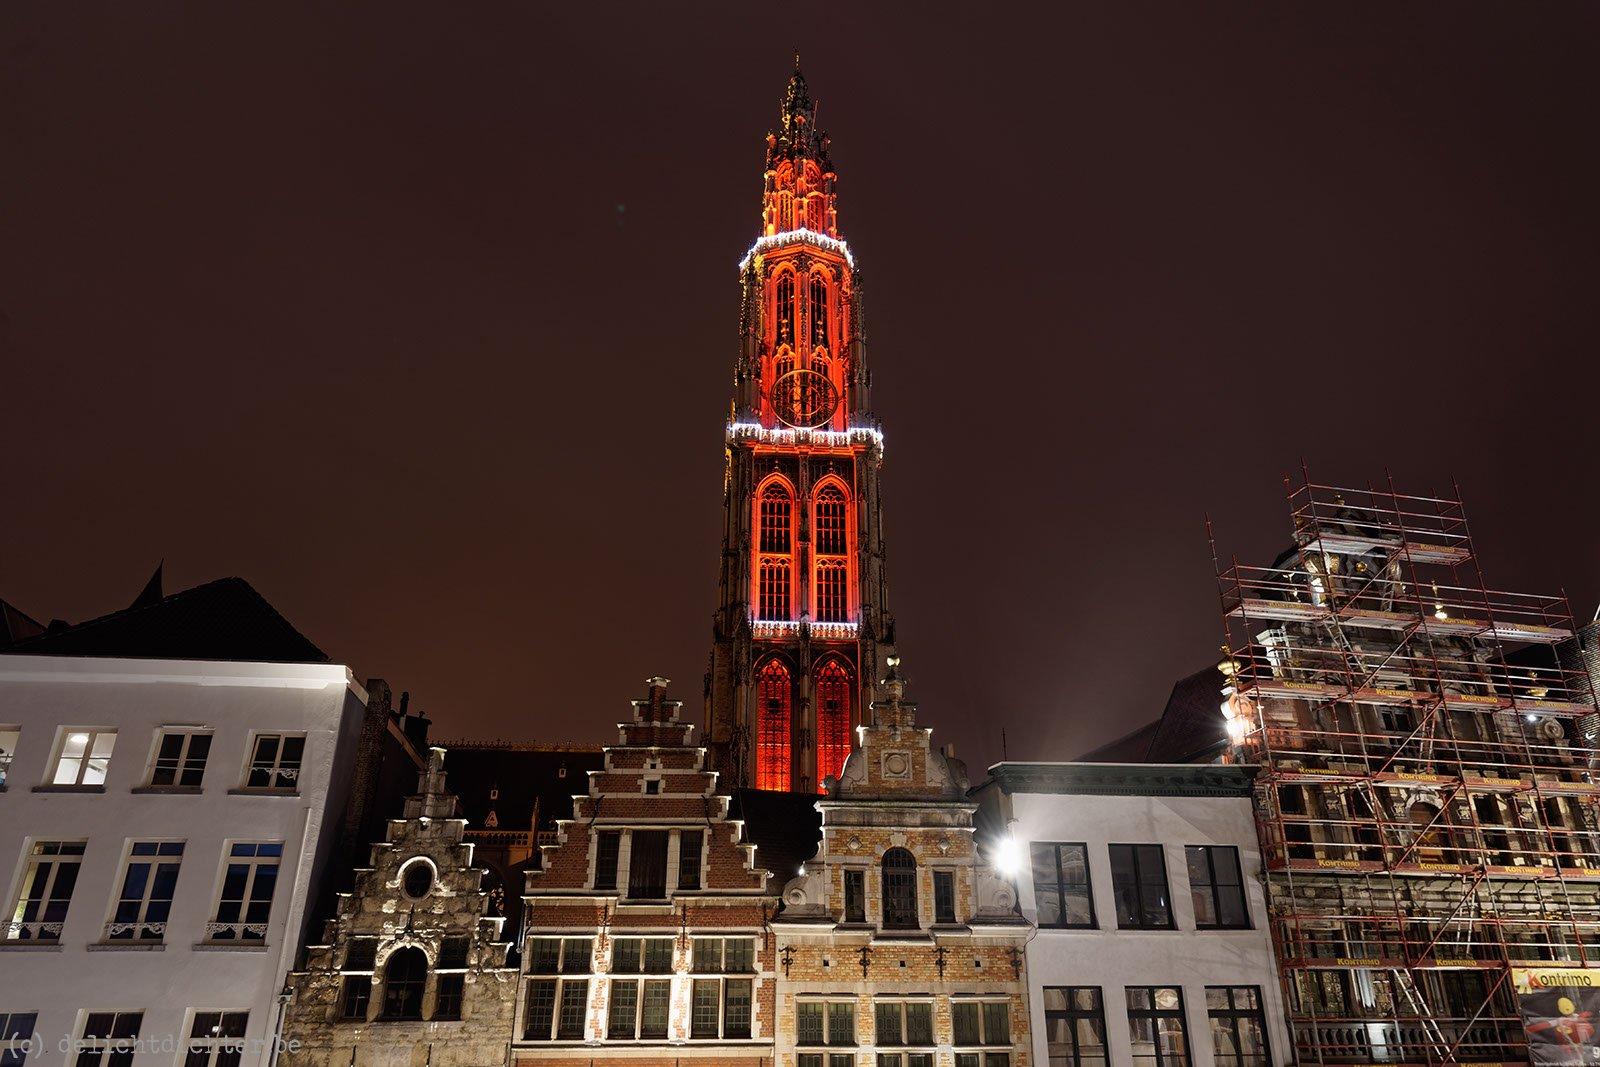 2015_12_Antwerpen_20151221_205700_DxO_v10